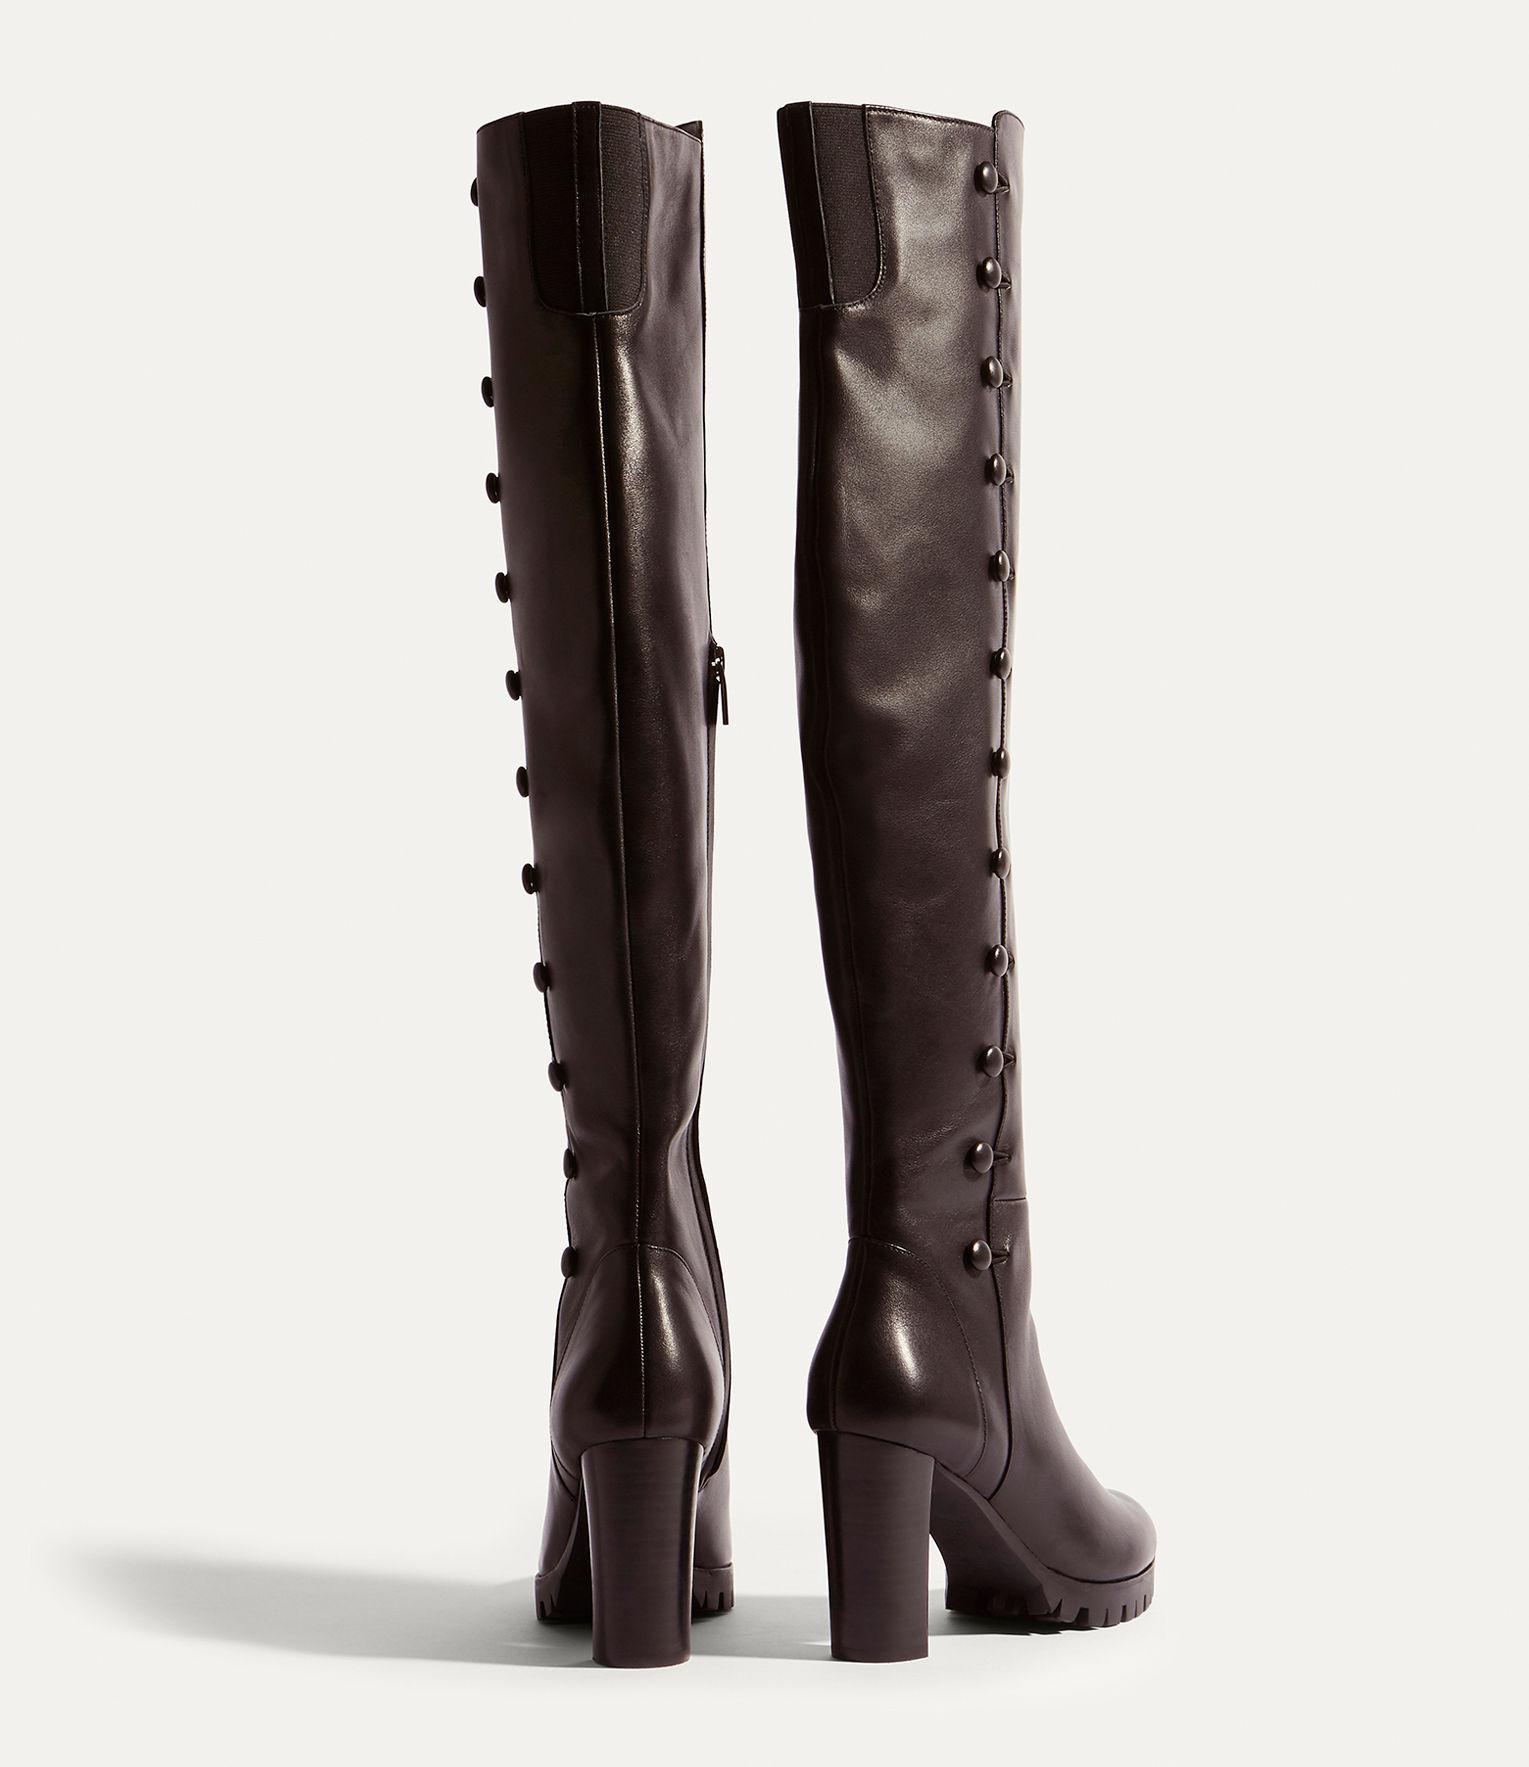 Karen Millen Leather Over-the-knee Boots - Black